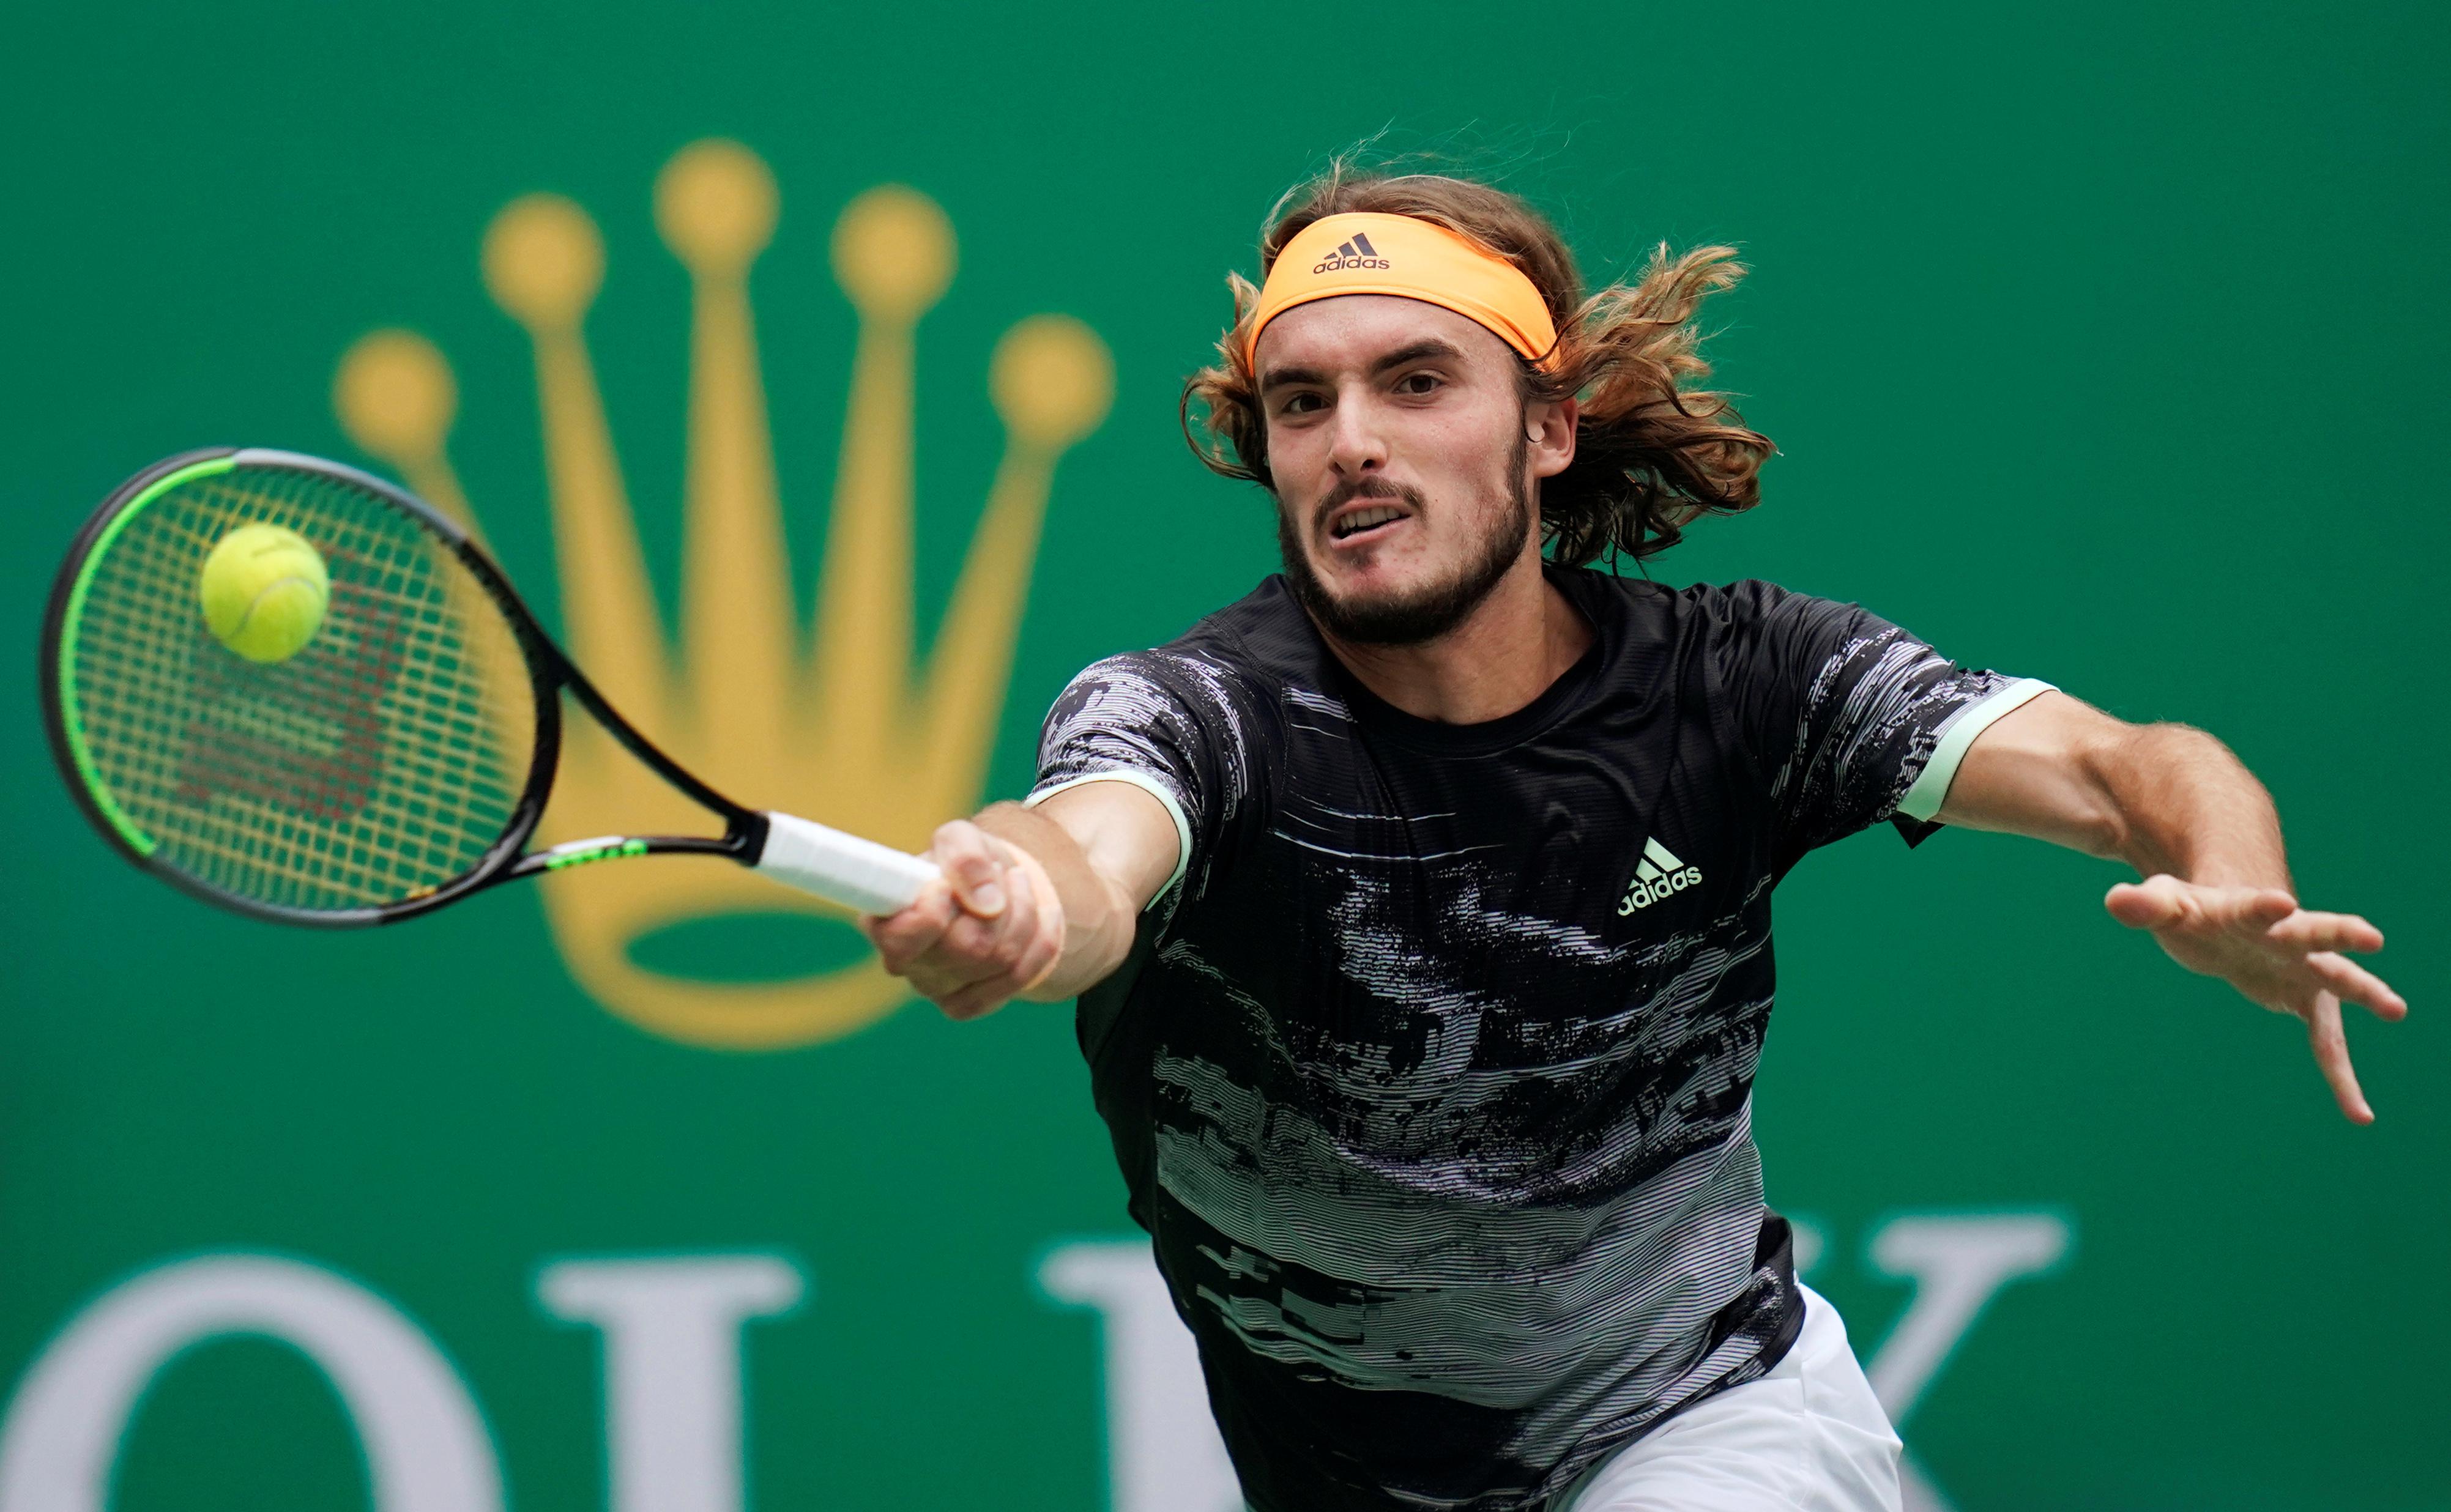 Τσιτσιπάς – Shanghai Masters: Η ώρα και το κανάλι του ημιτελικού με Μεντβέντεφ